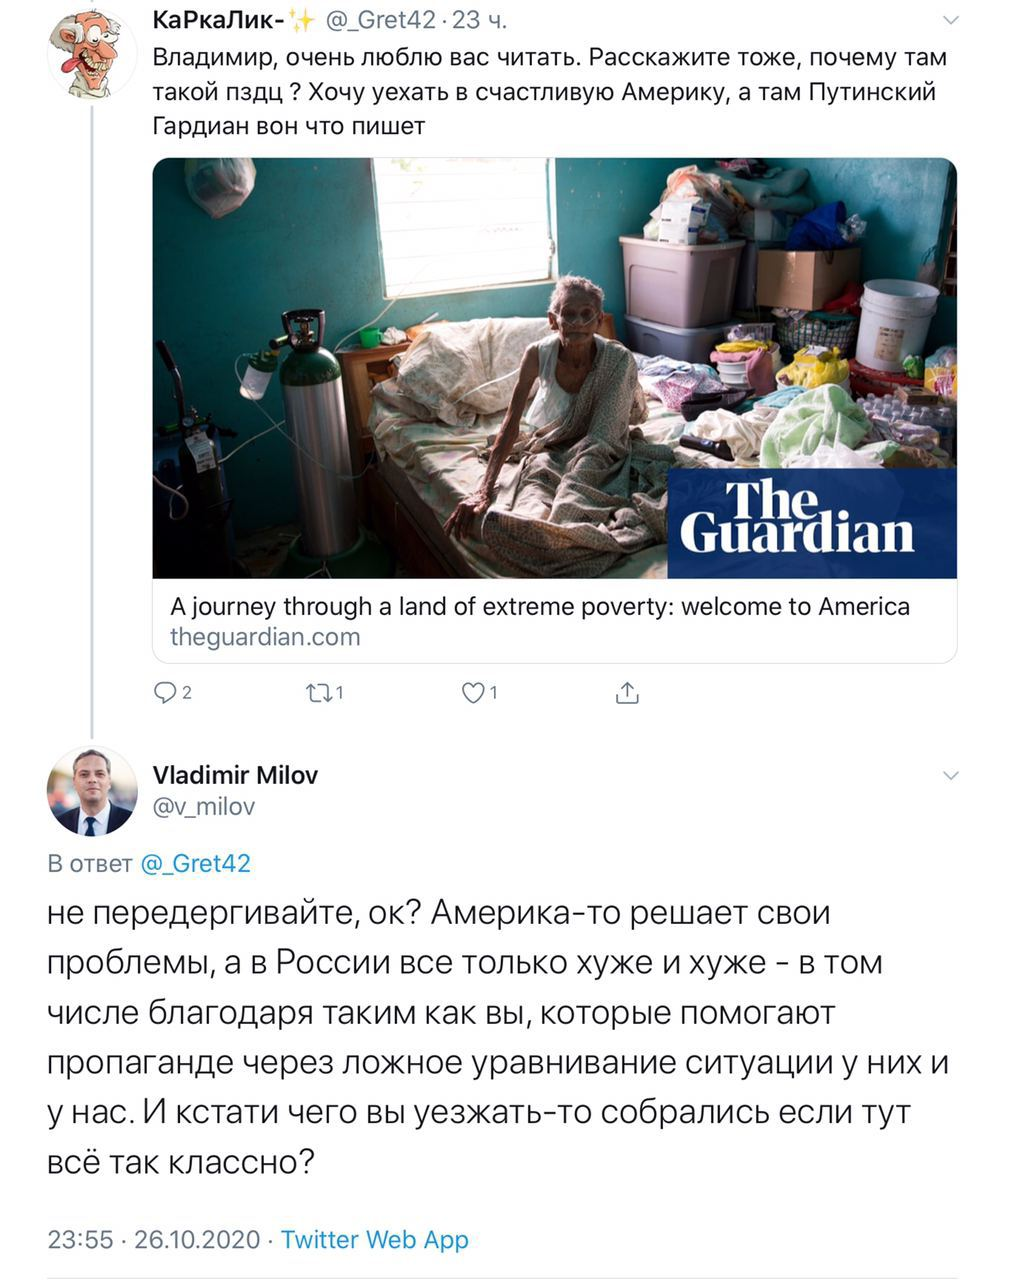 Во всём виноваты путинские тролли, не дающие либурде внушить россиянам картину мира, в которой нет хуже места на земле, чем наша страна. Однако либераст не будет либерастом, если будучи загнанным в угол, не воспользуется своим главным оружием: - Это другое, понимать надо 😎